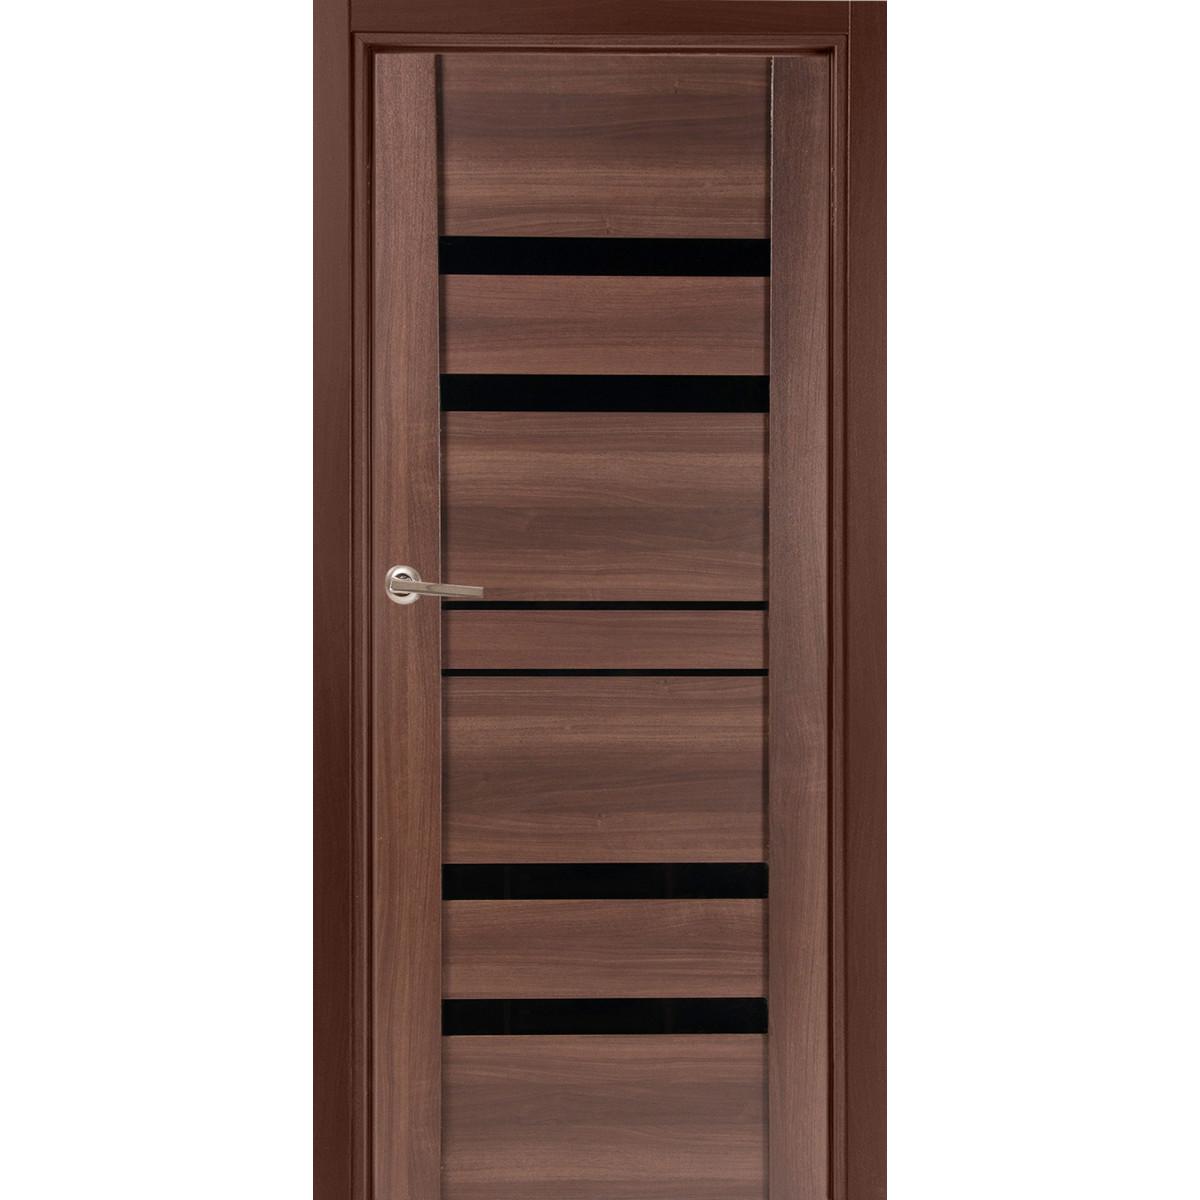 Дверь межкомнатная глухая Artens Велдон 90x200 см цвет мокко без фурнитуры